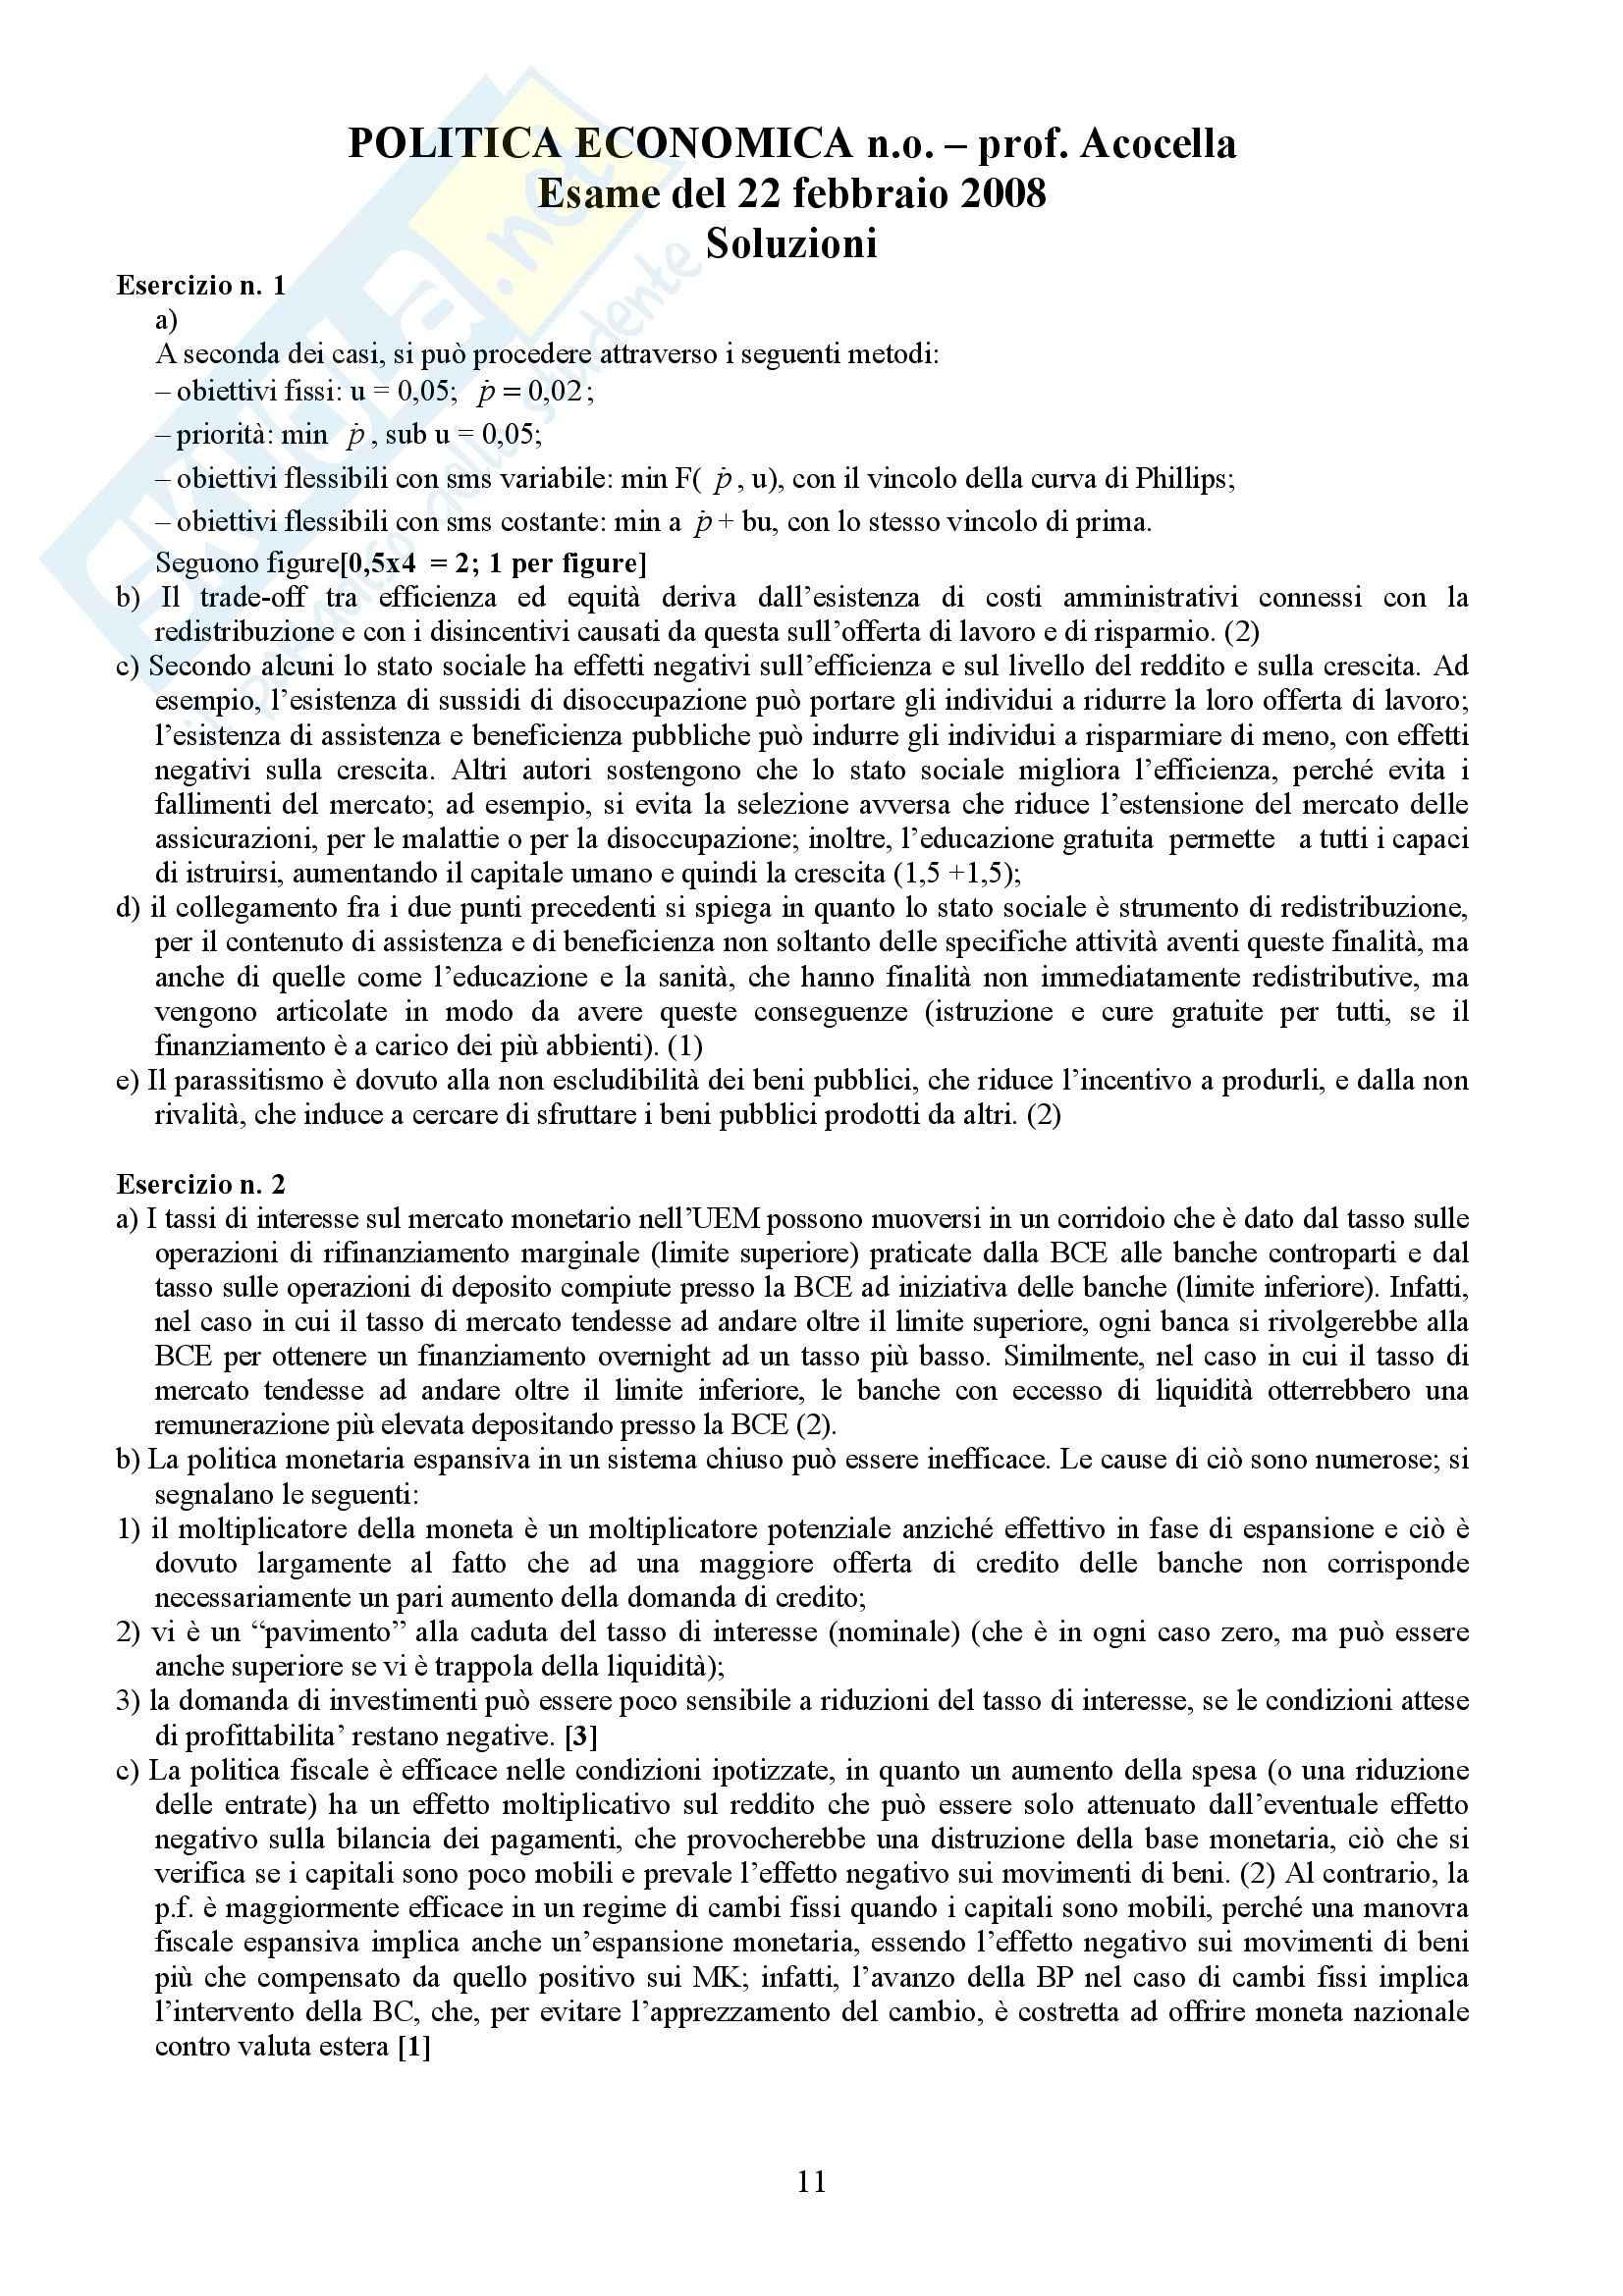 Economia politica - Esercizi (prima parte) Pag. 11